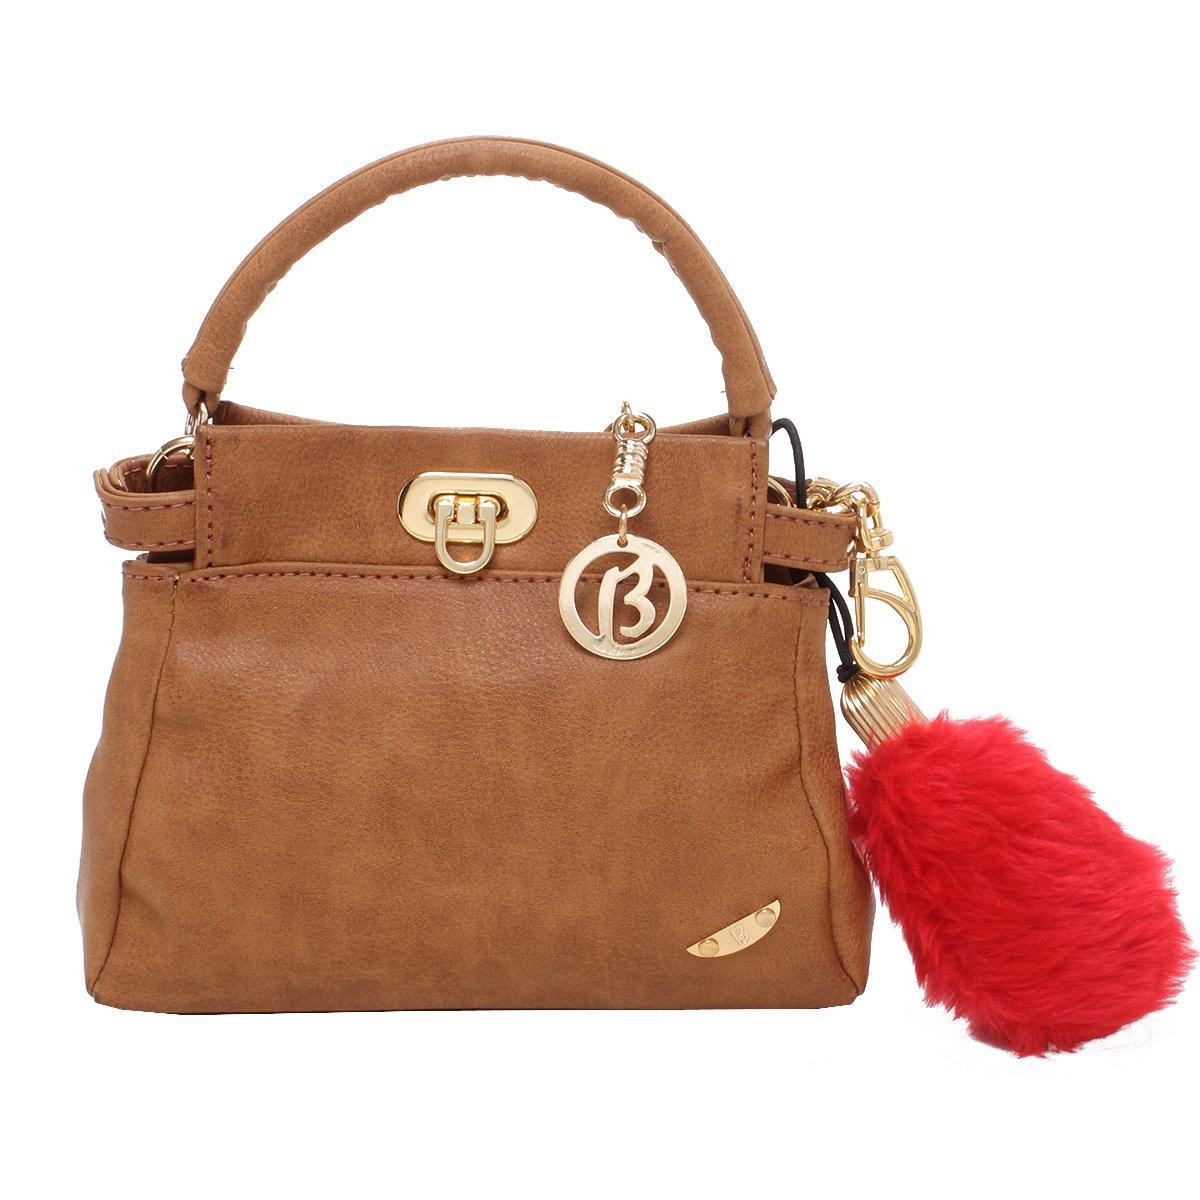 c9c466c71 Bolsa Birô Mini Bag Sabrina Sato - Compre Agora | Zattini